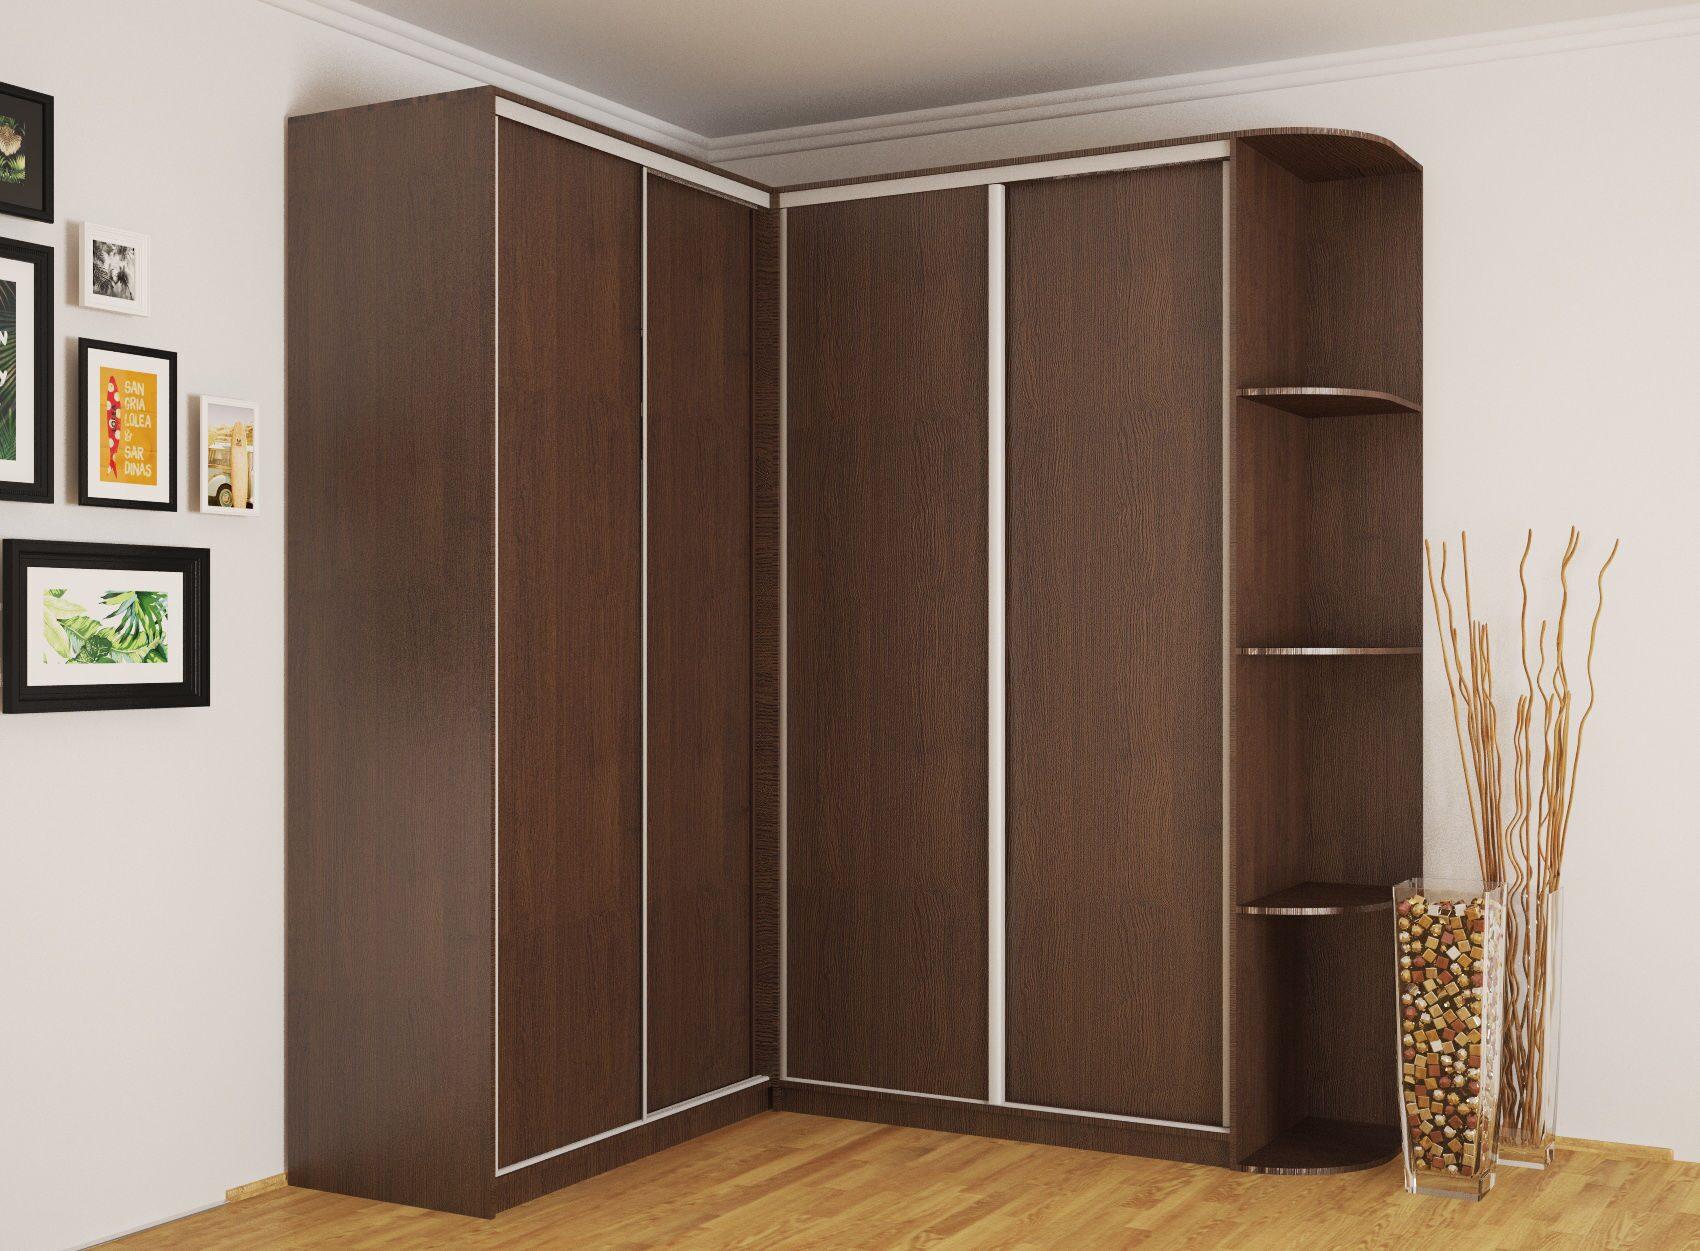 Купить угловой шкаф беатрис в интернет-магазине don rossi в .